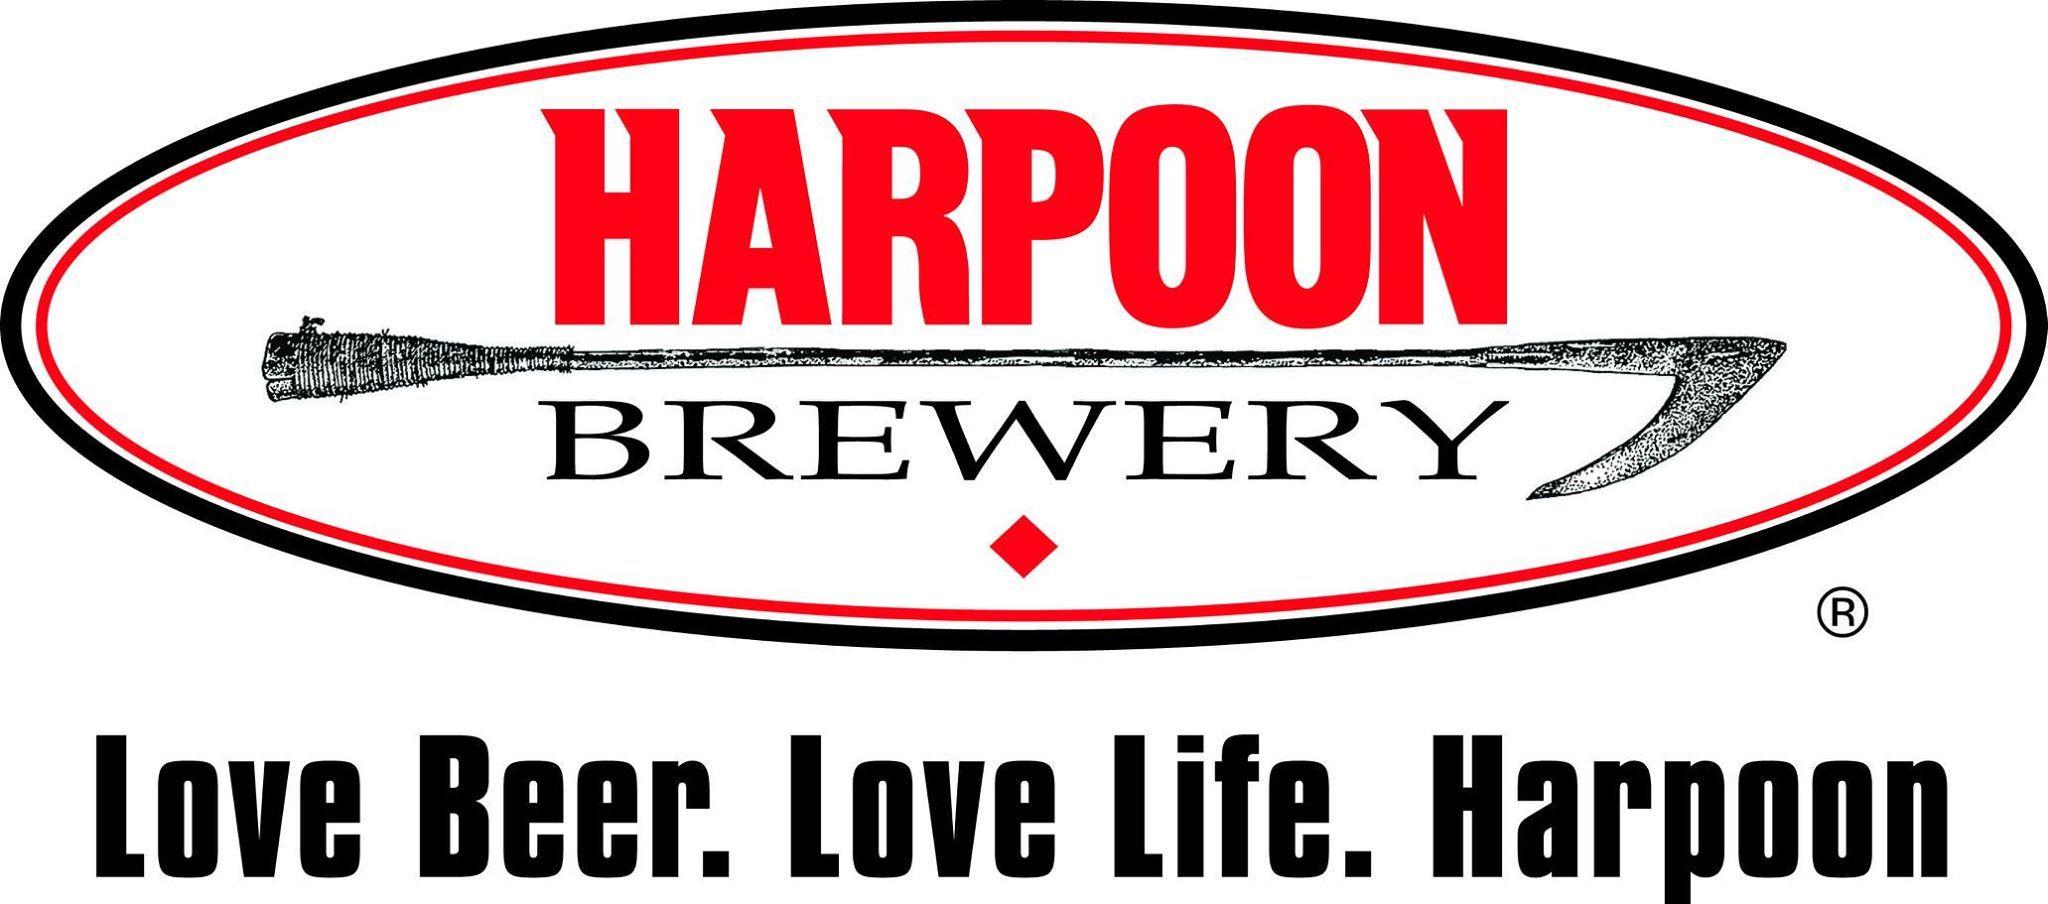 Harpoon Brewery Harpoon Brewery Craft Beer Festival Beer Brands